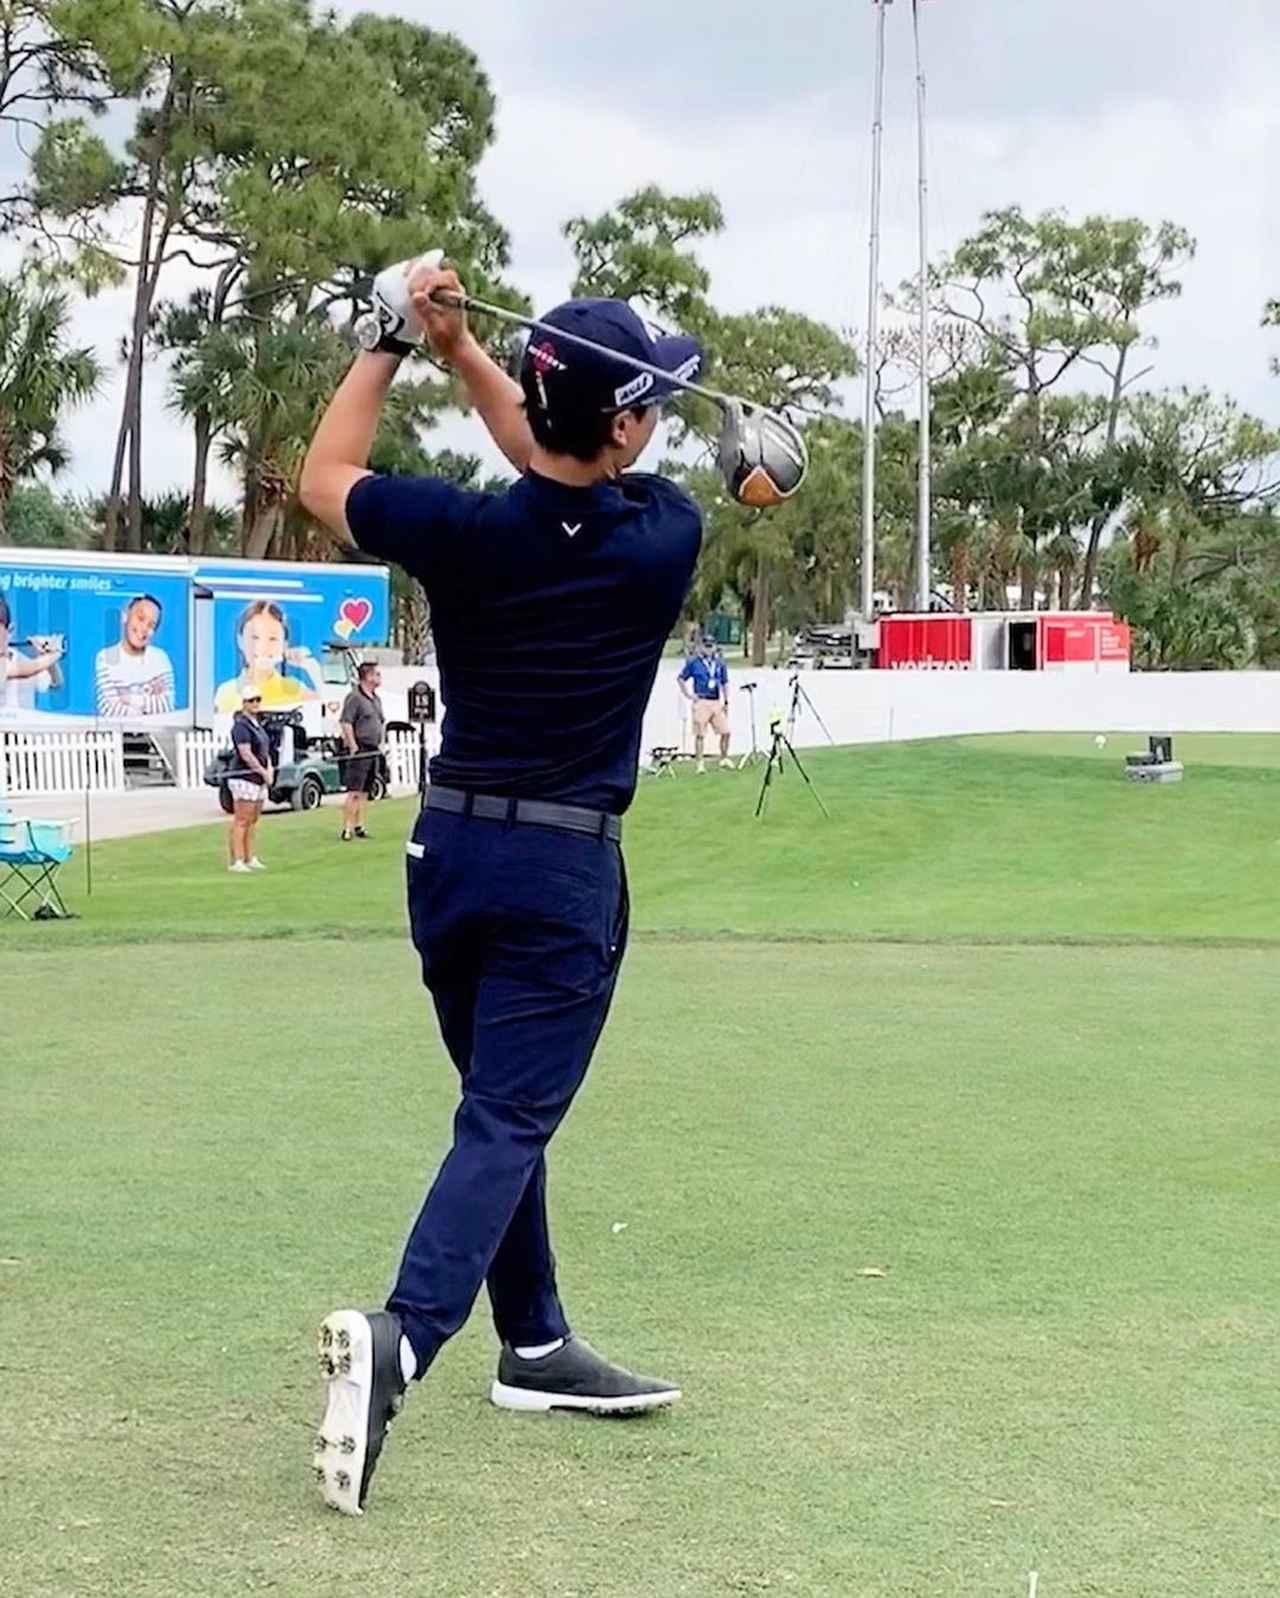 """画像1: キャロウェイゴルフ(Callaway Golf) on Instagram: """"PGAナショナル・チャンピオンコースのザ・ホンダクラシック にて、石川遼プロ、MAVRIKドライバー実戦投入!…"""" www.instagram.com"""